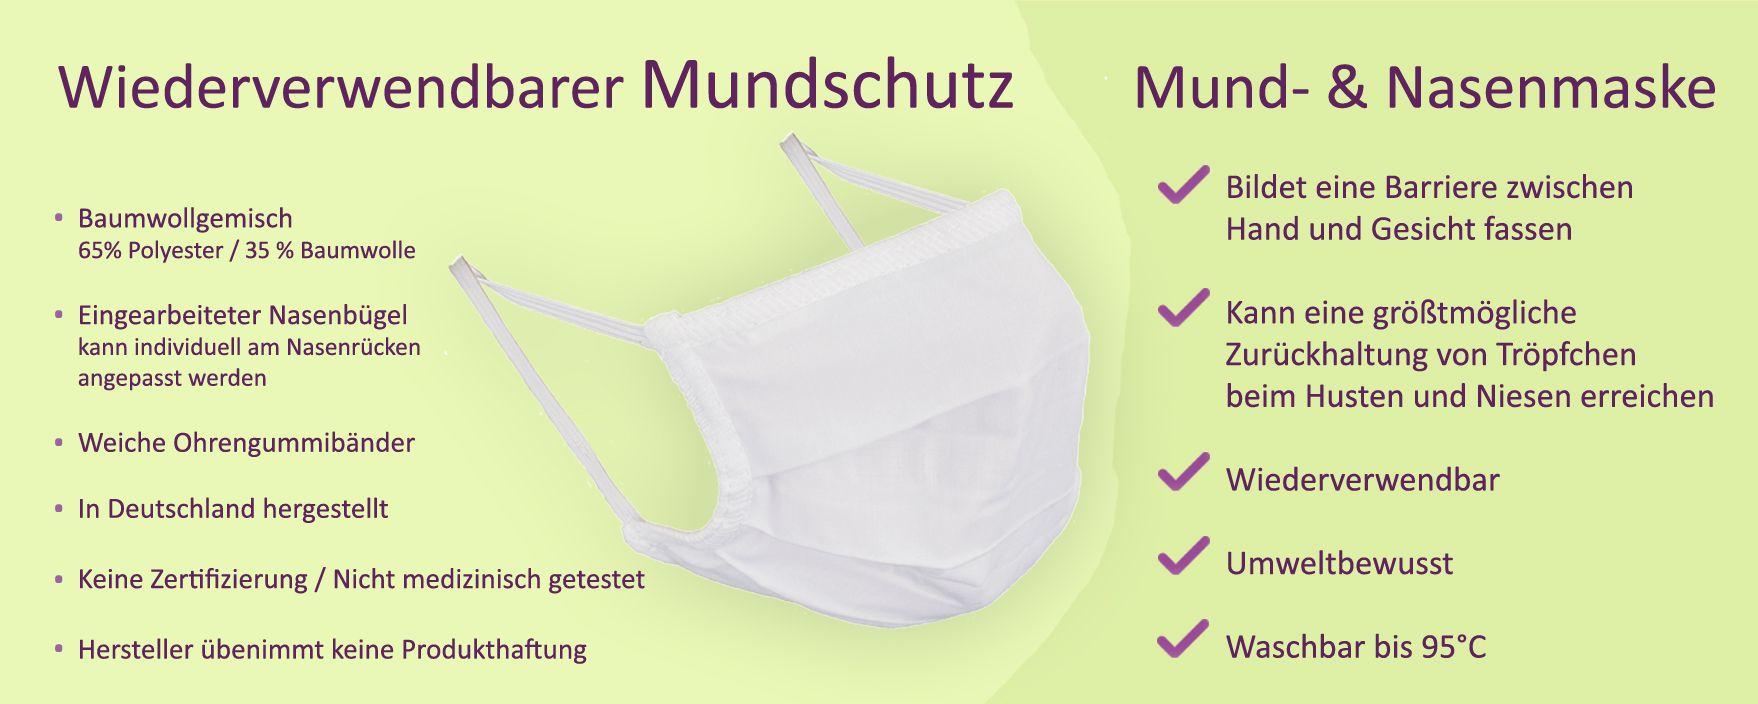 Mundschutz Mund- & Nasenmaske